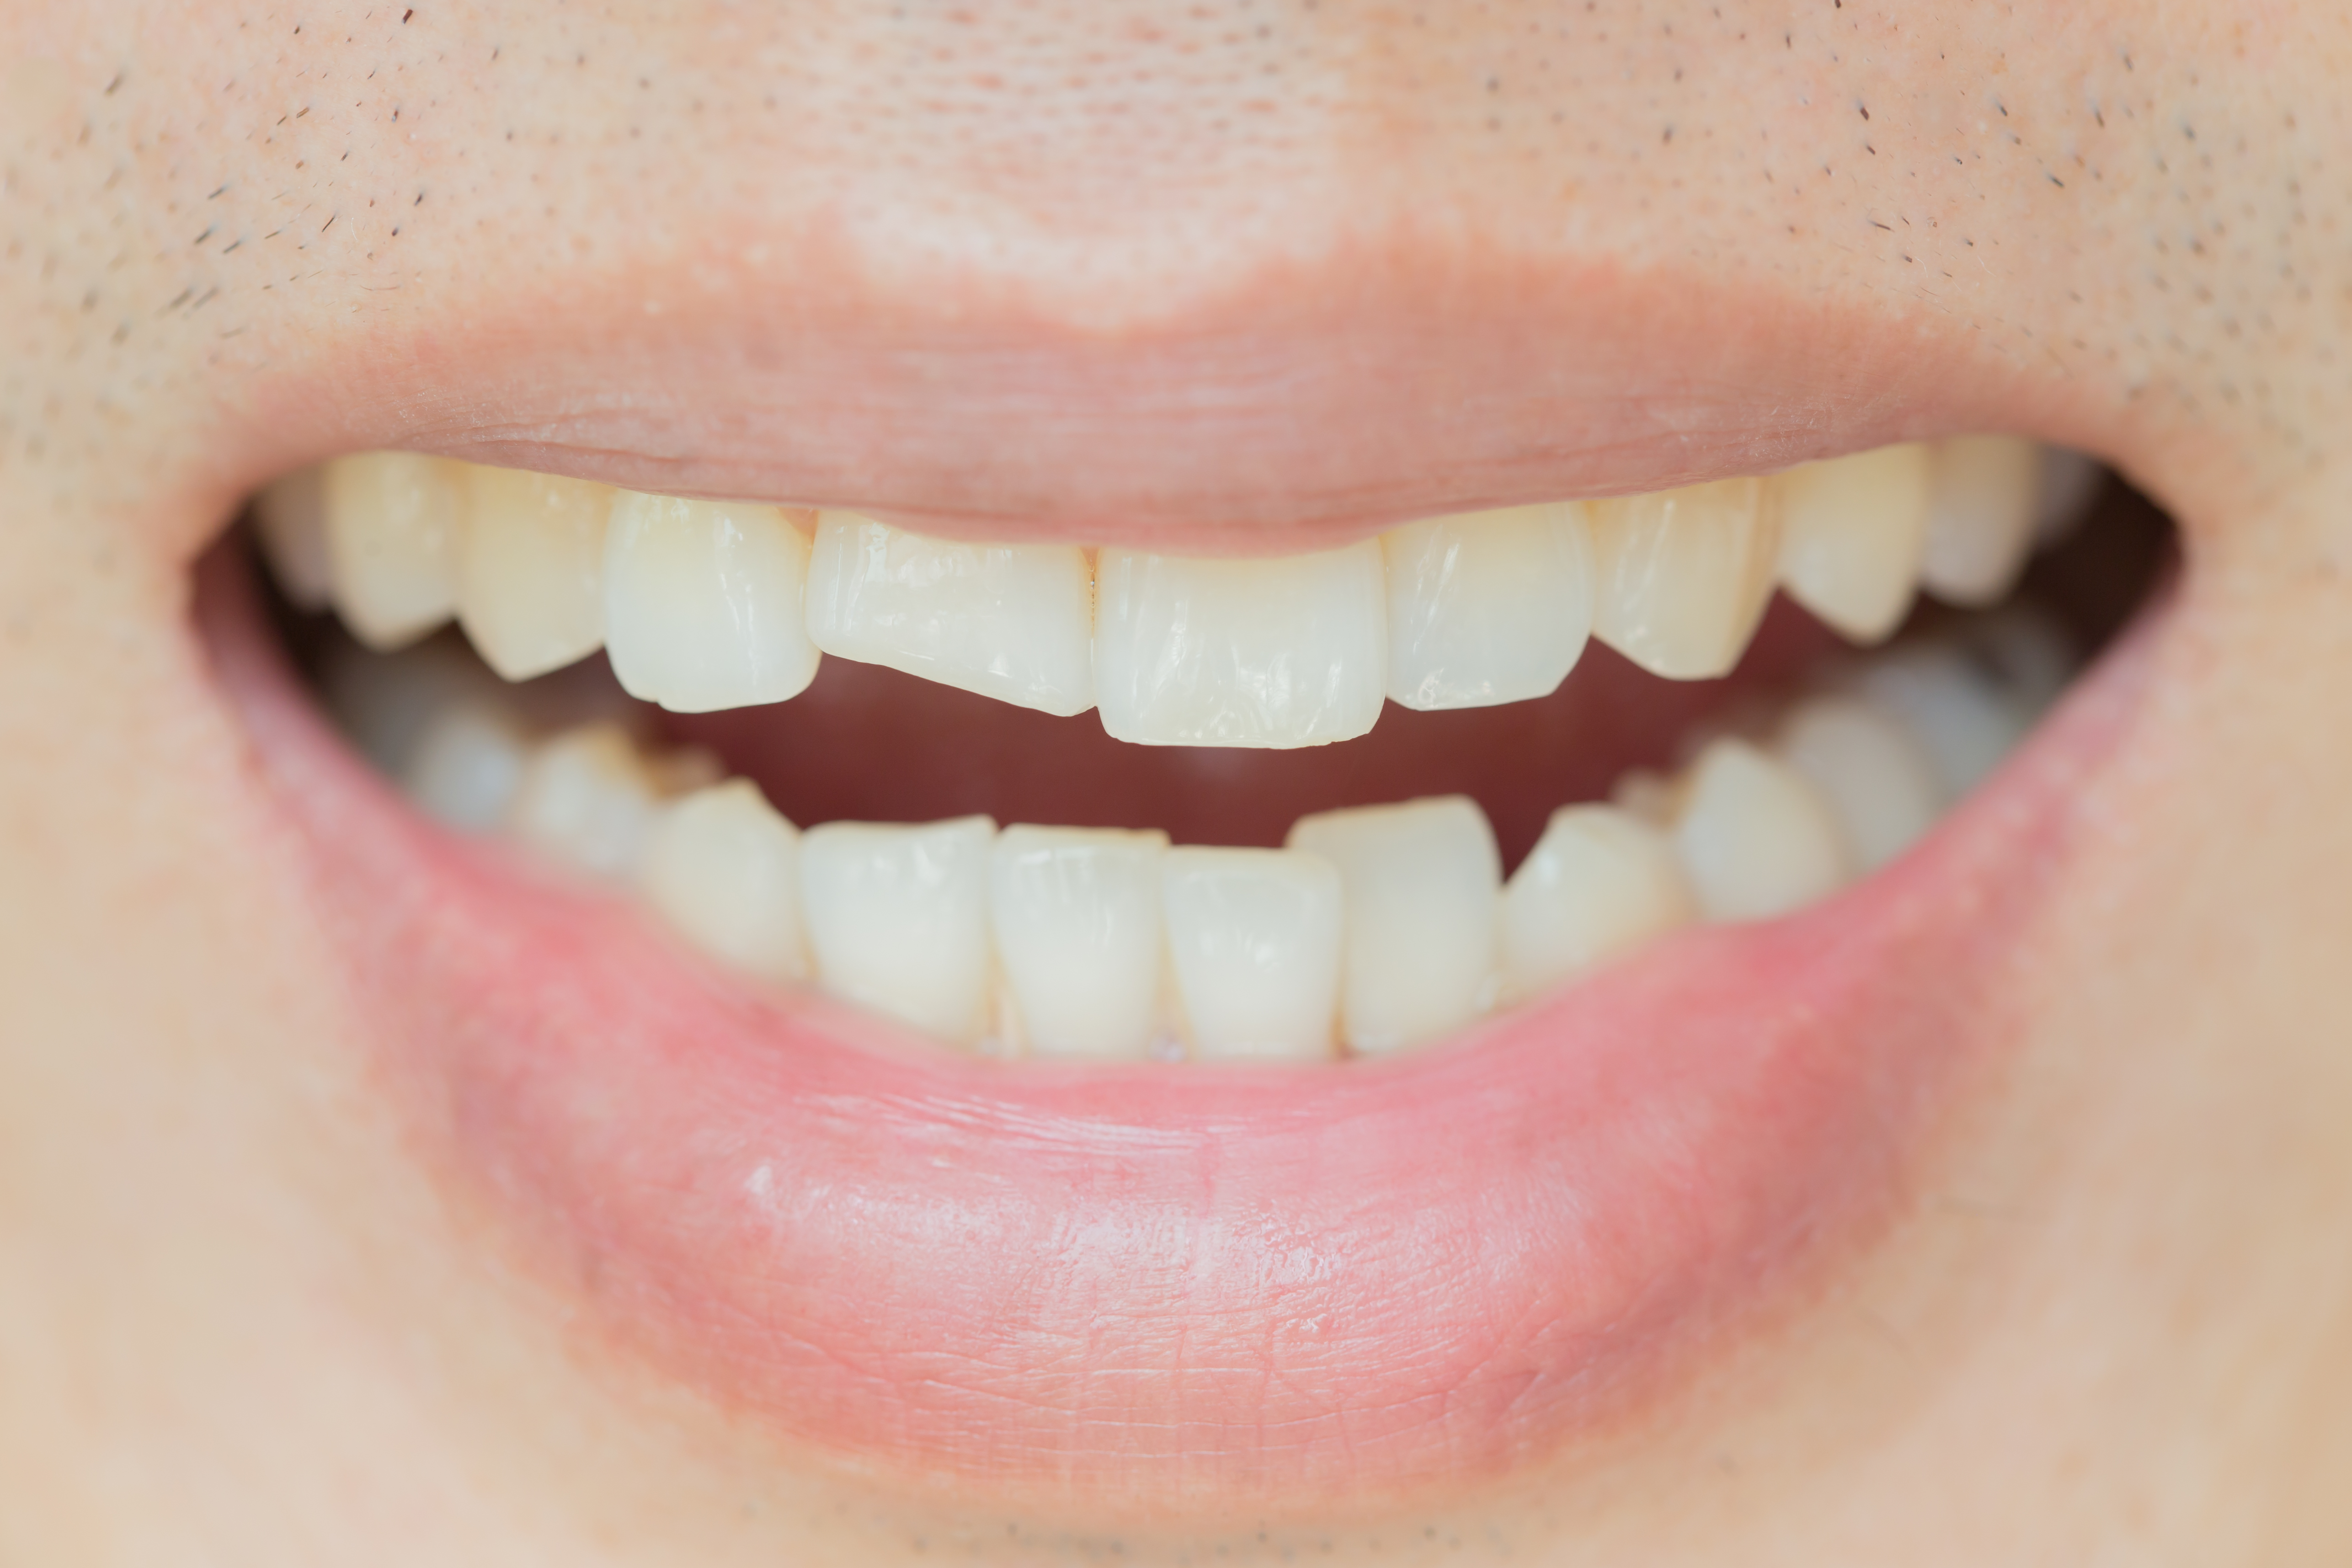 Eksempel på en knekt/skadd tann